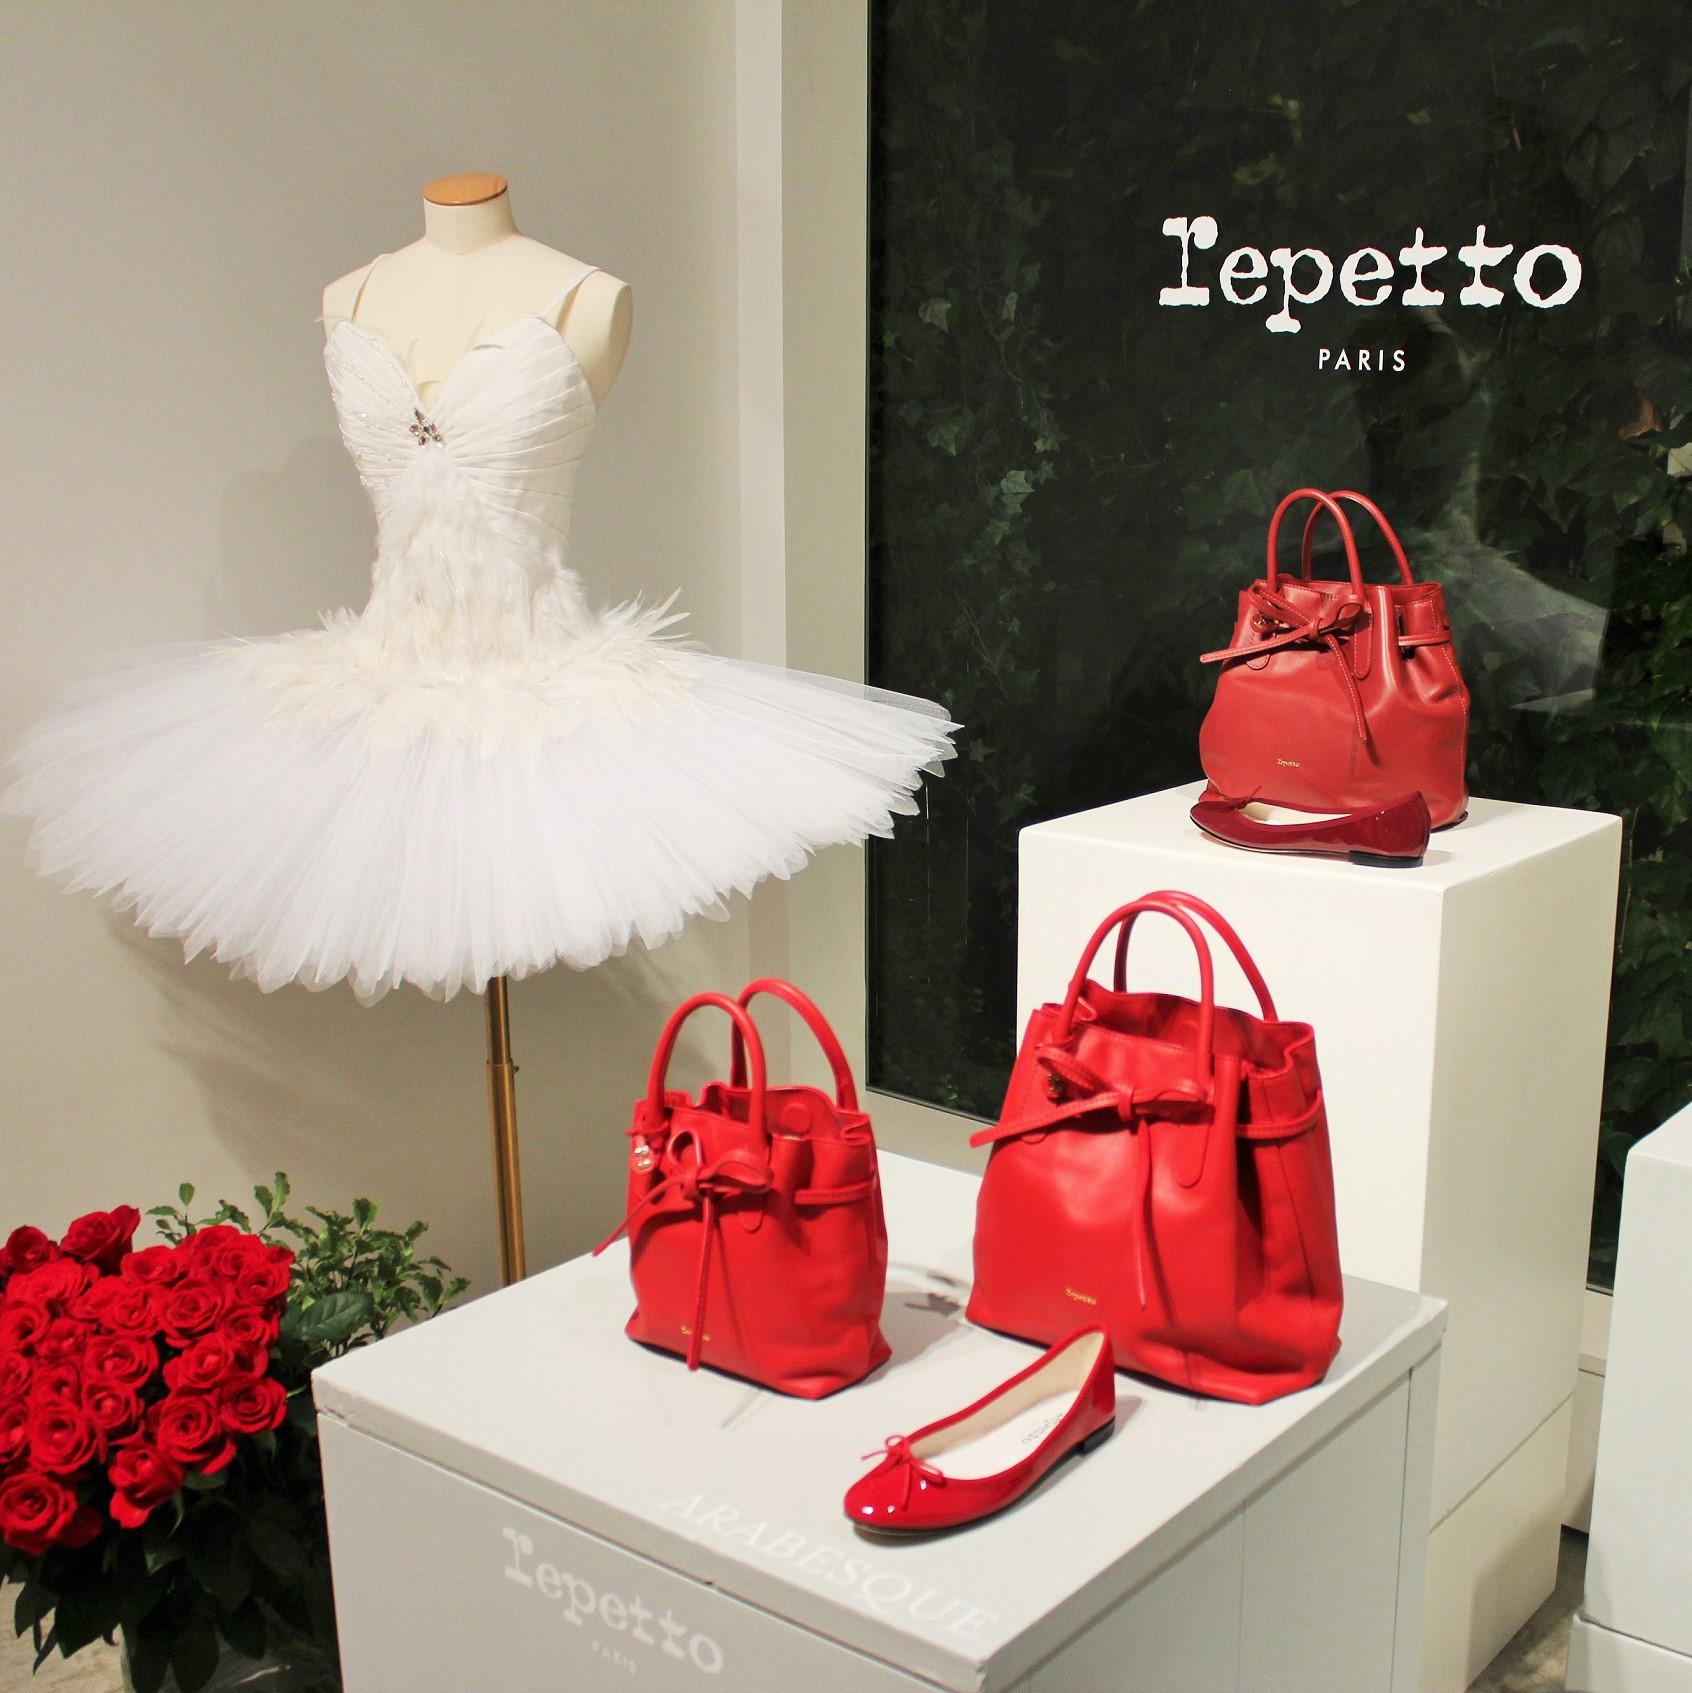 パリジェンヌを思わせる!レペットから新しく生まれ変わったバッグコレクションが登場